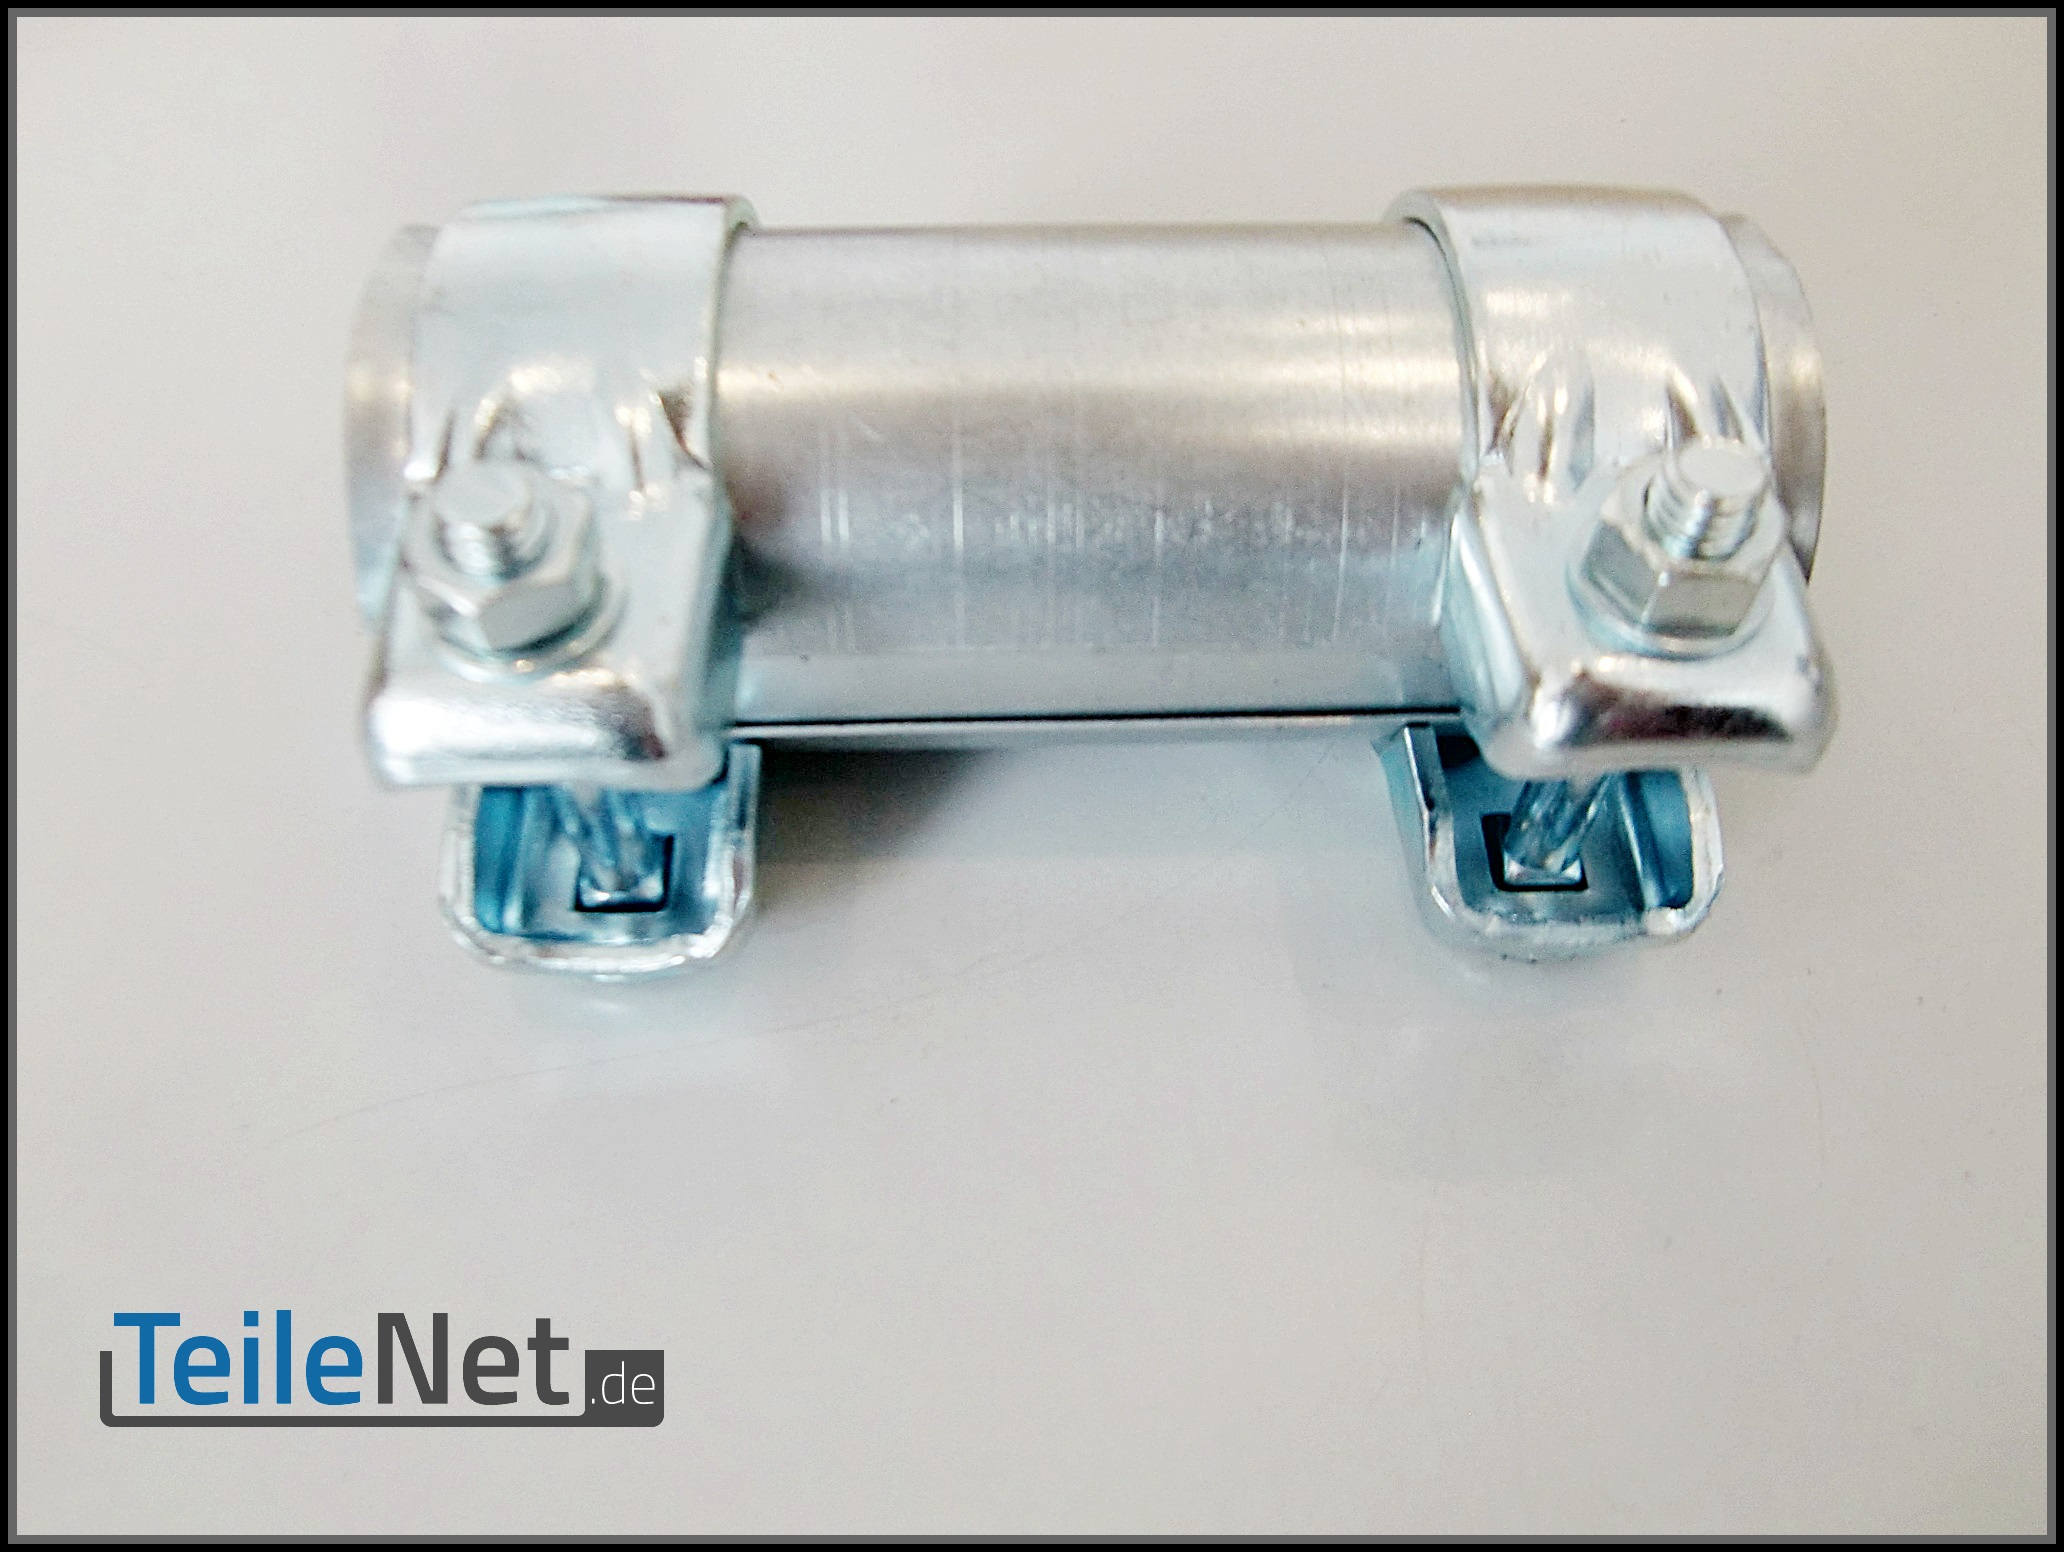 auspuff rohrverbinder rohrschelle schelle hjs 83004512. Black Bedroom Furniture Sets. Home Design Ideas